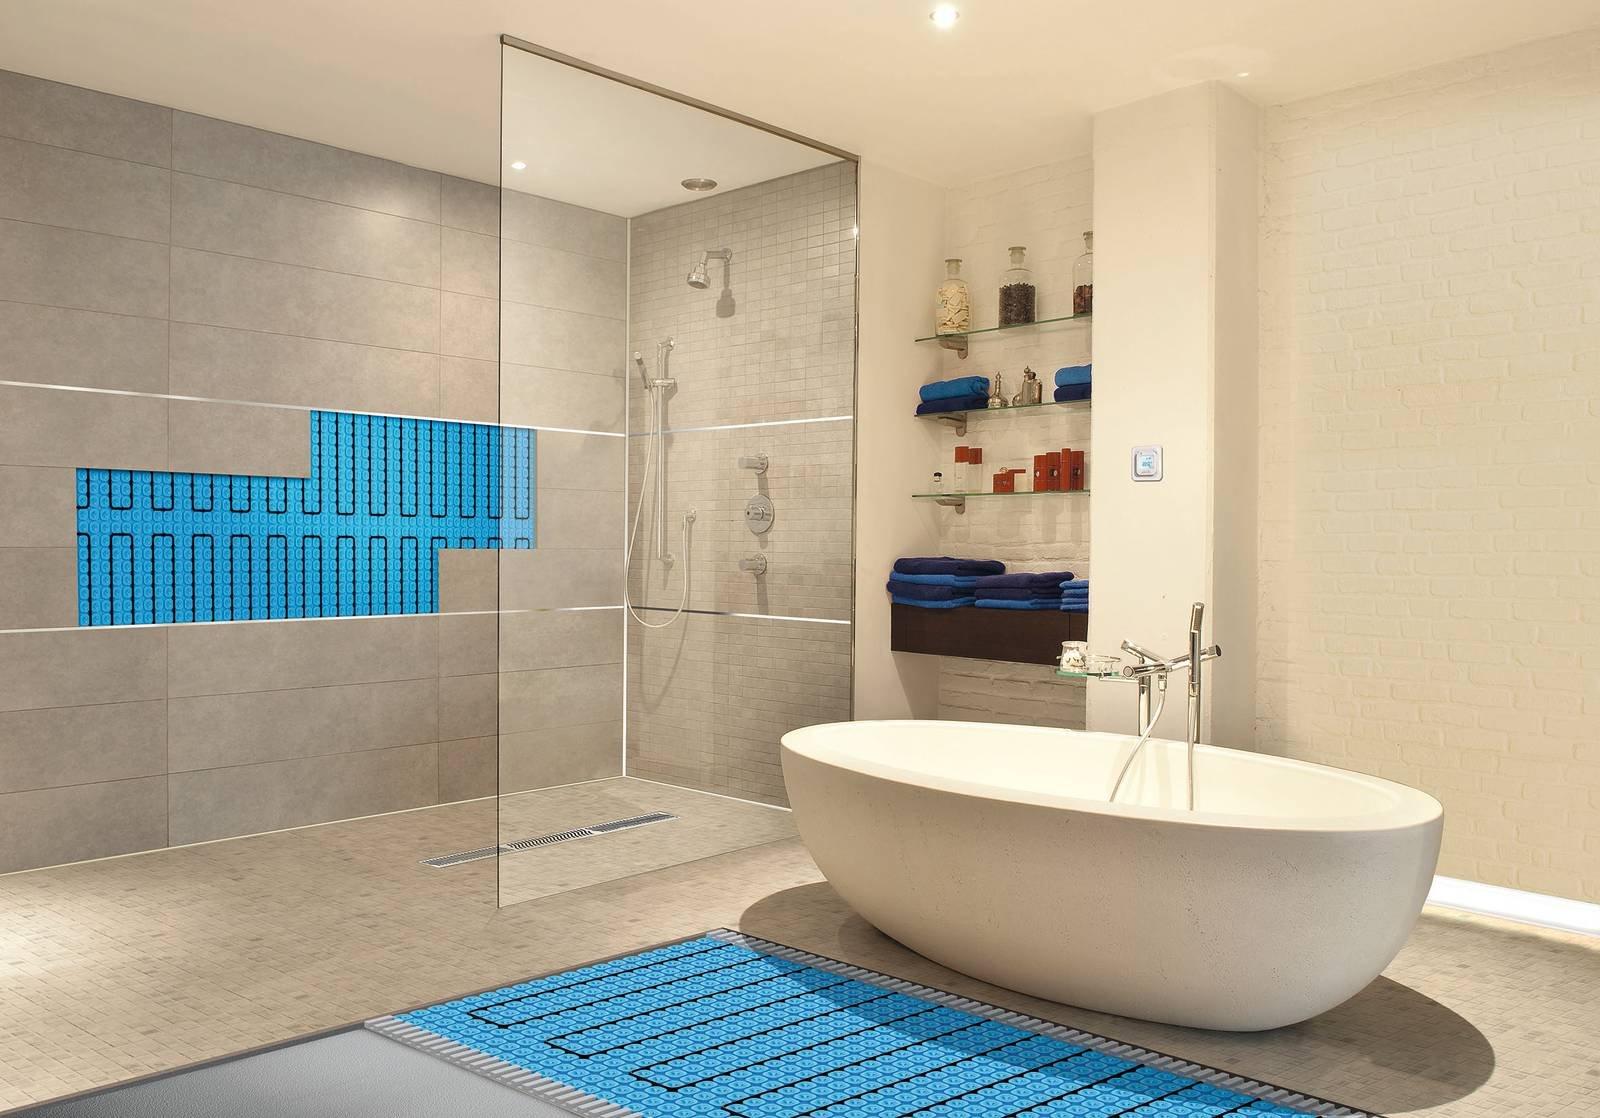 Riscaldamento elettrico a pavimento nuovi sistemi cose - Riscaldamento elettrico per bagno ...